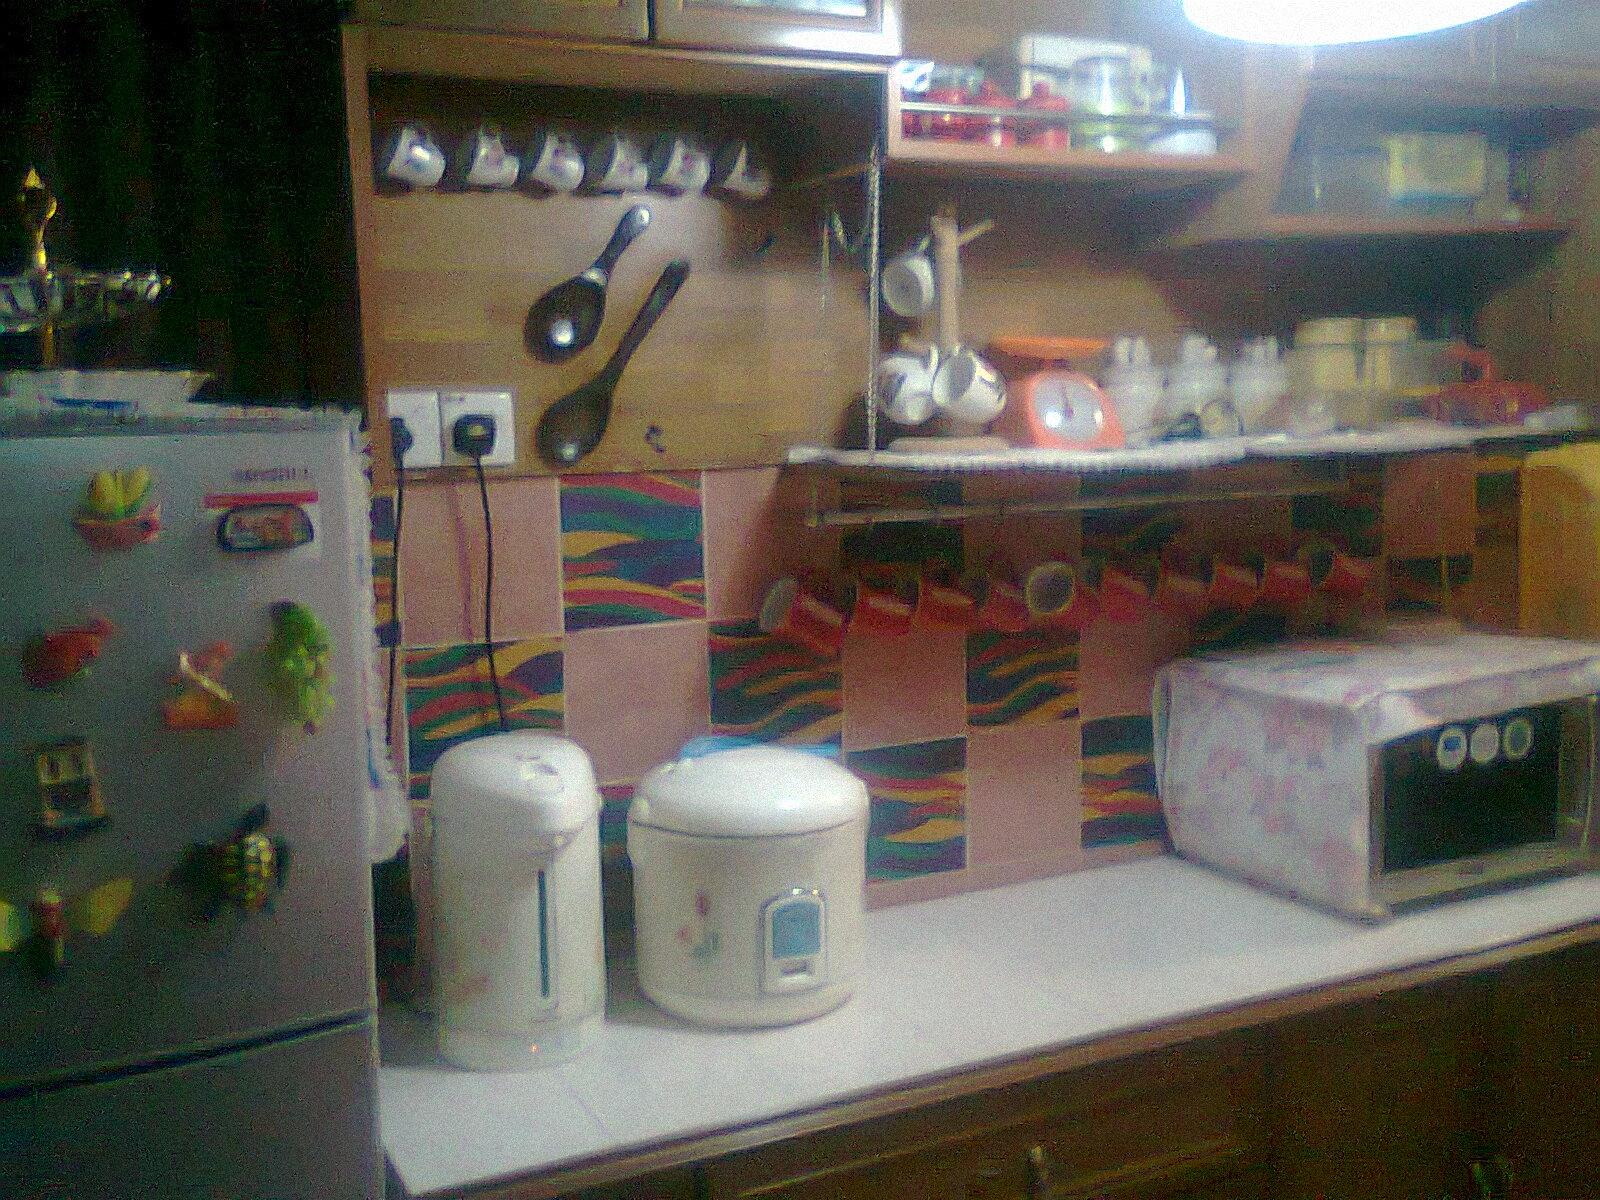 Ruang Dapur Yang Di Bina Secara Bulid In Tanpa Memjejaskan Dinding Asal